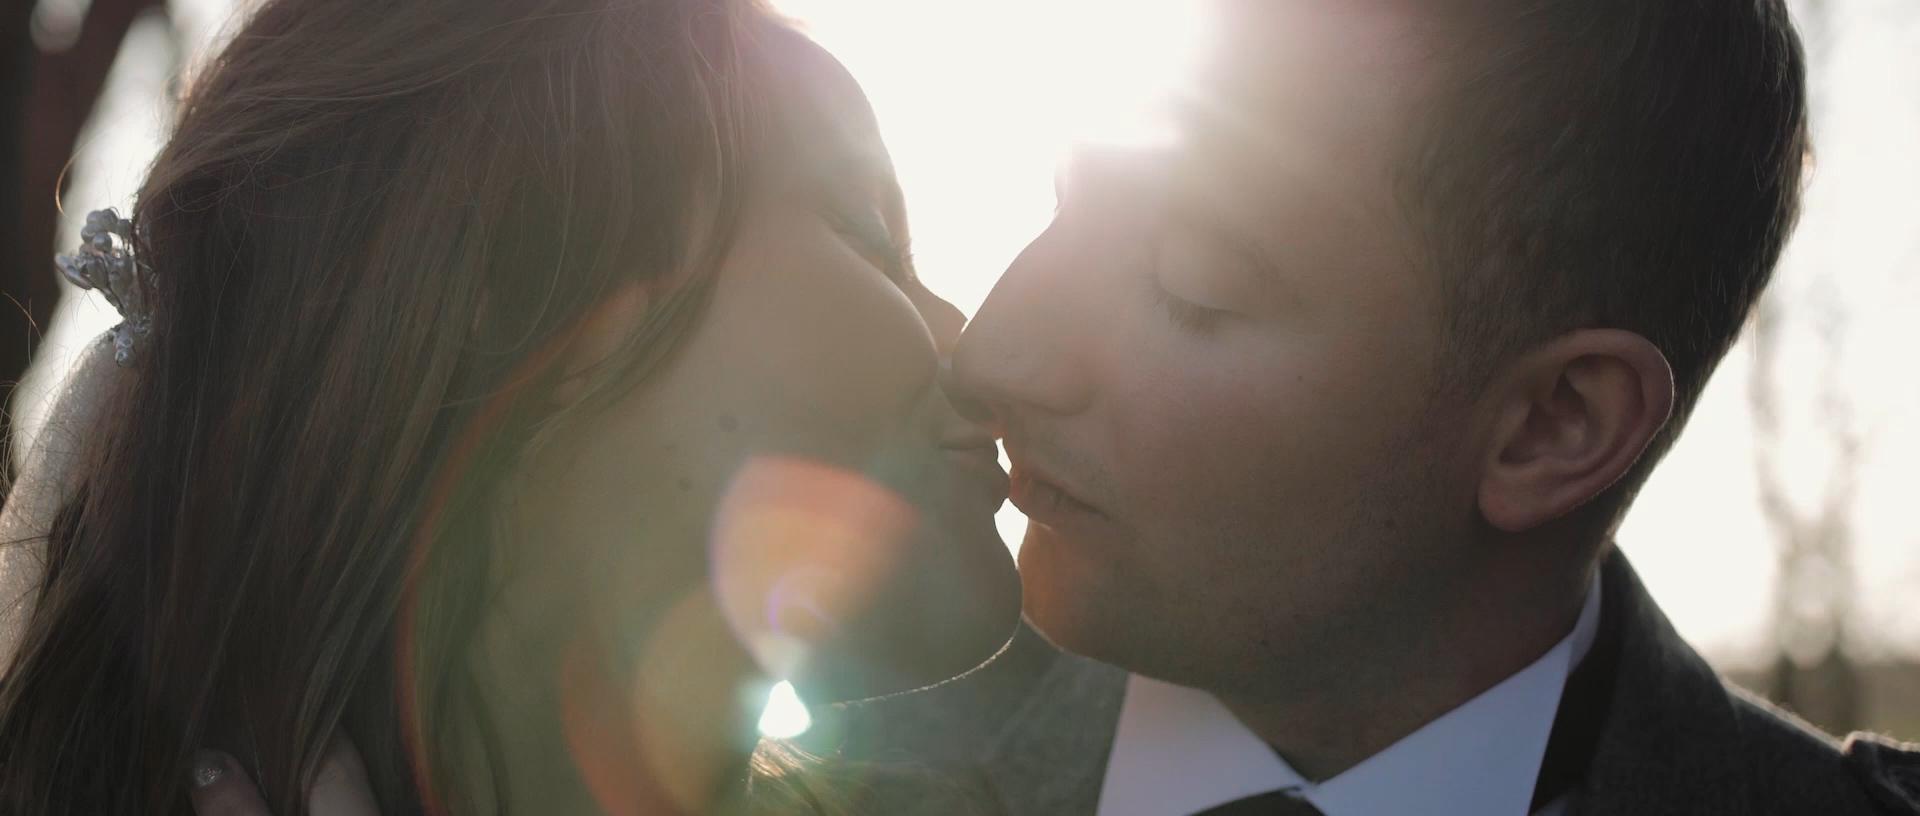 boclair-house-wedding-videographer_LL_03.jpg